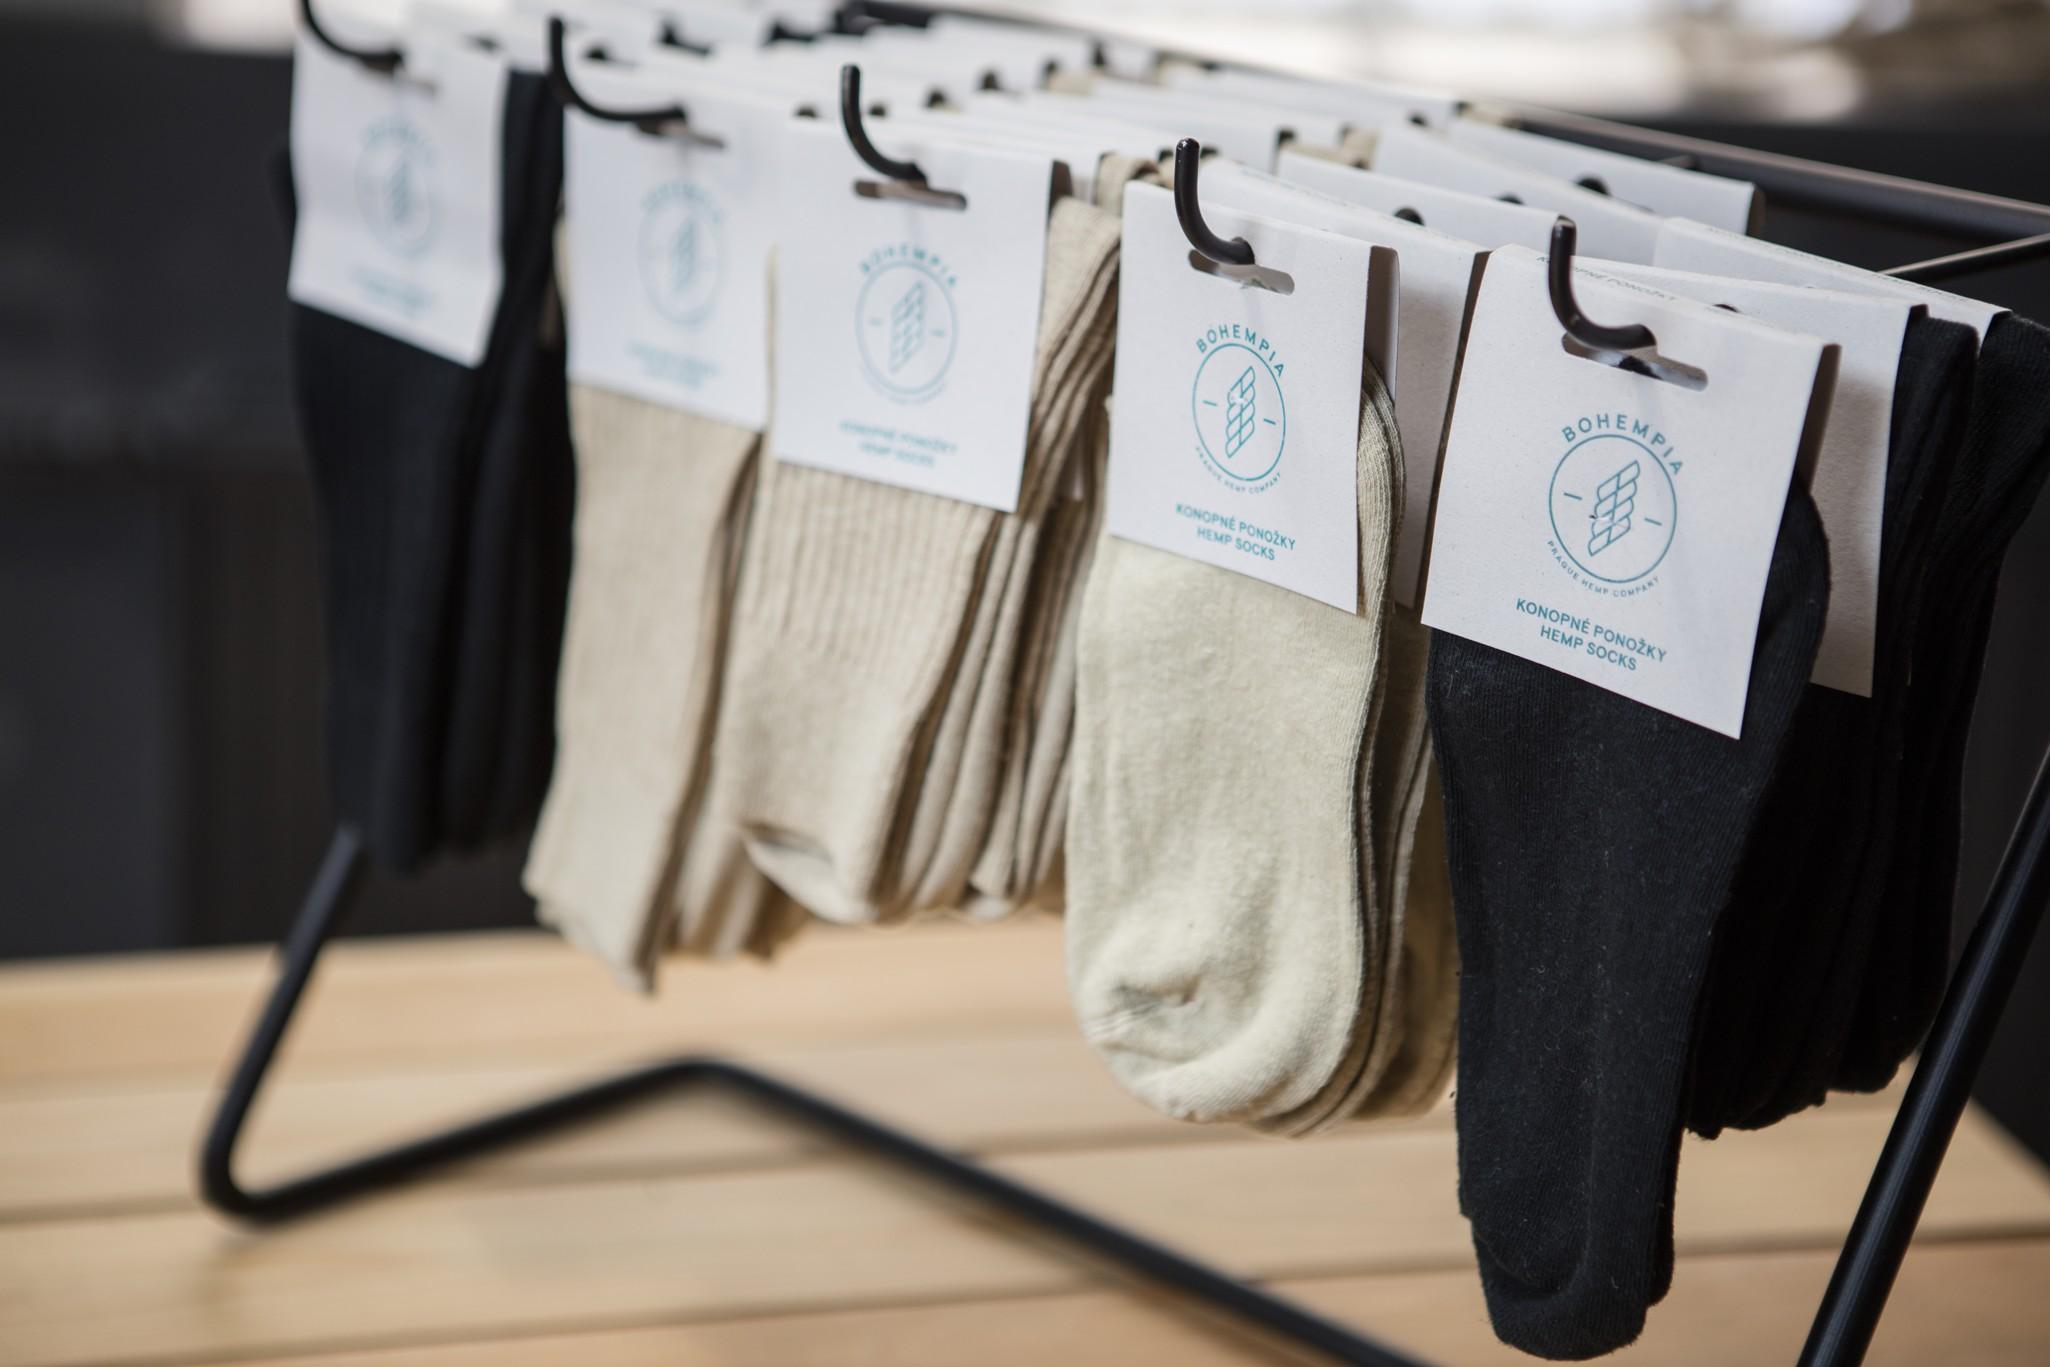 Konopné ponožky jsou příjemné na nošení a k tomu ještě zdravé.